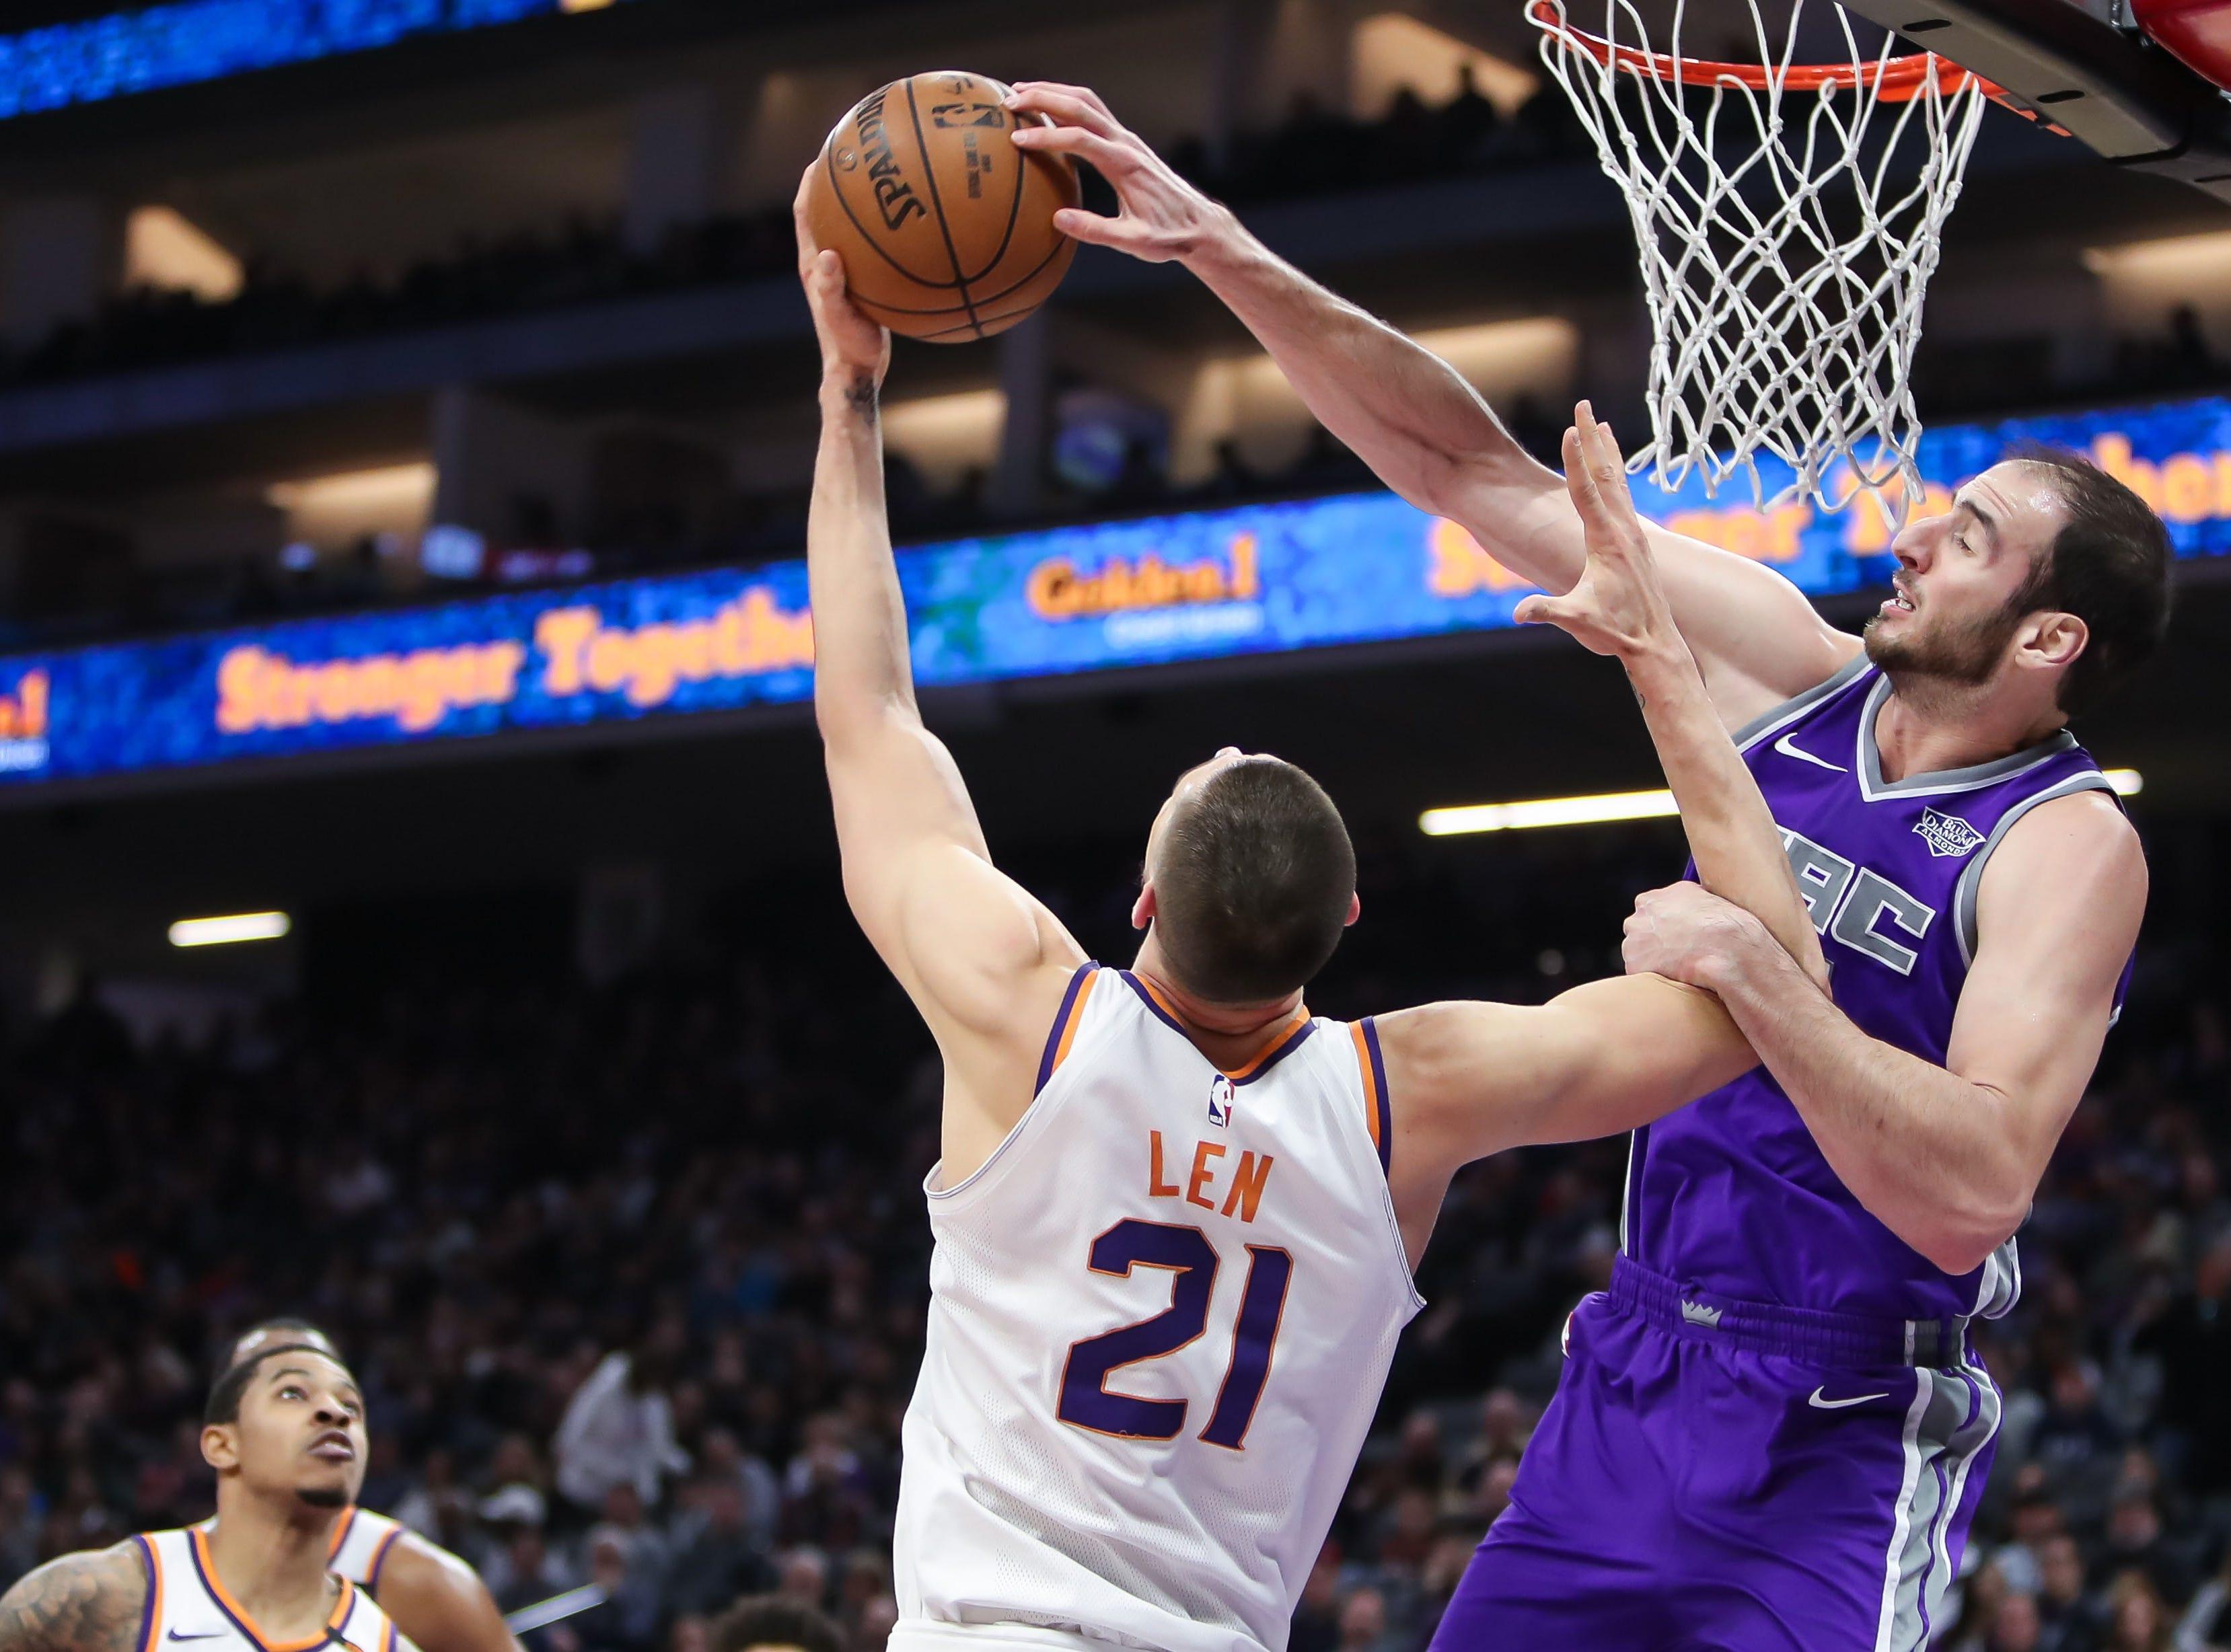 Dec 29, 2017; Sacramento, CA, USA; Sacramento Kings center Kosta Koufos (41) and Phoenix Suns center Alex Len (21) fight for a rebound during the second quarter at Golden 1 Center. Mandatory Credit: Sergio Estrada-USA TODAY Sports